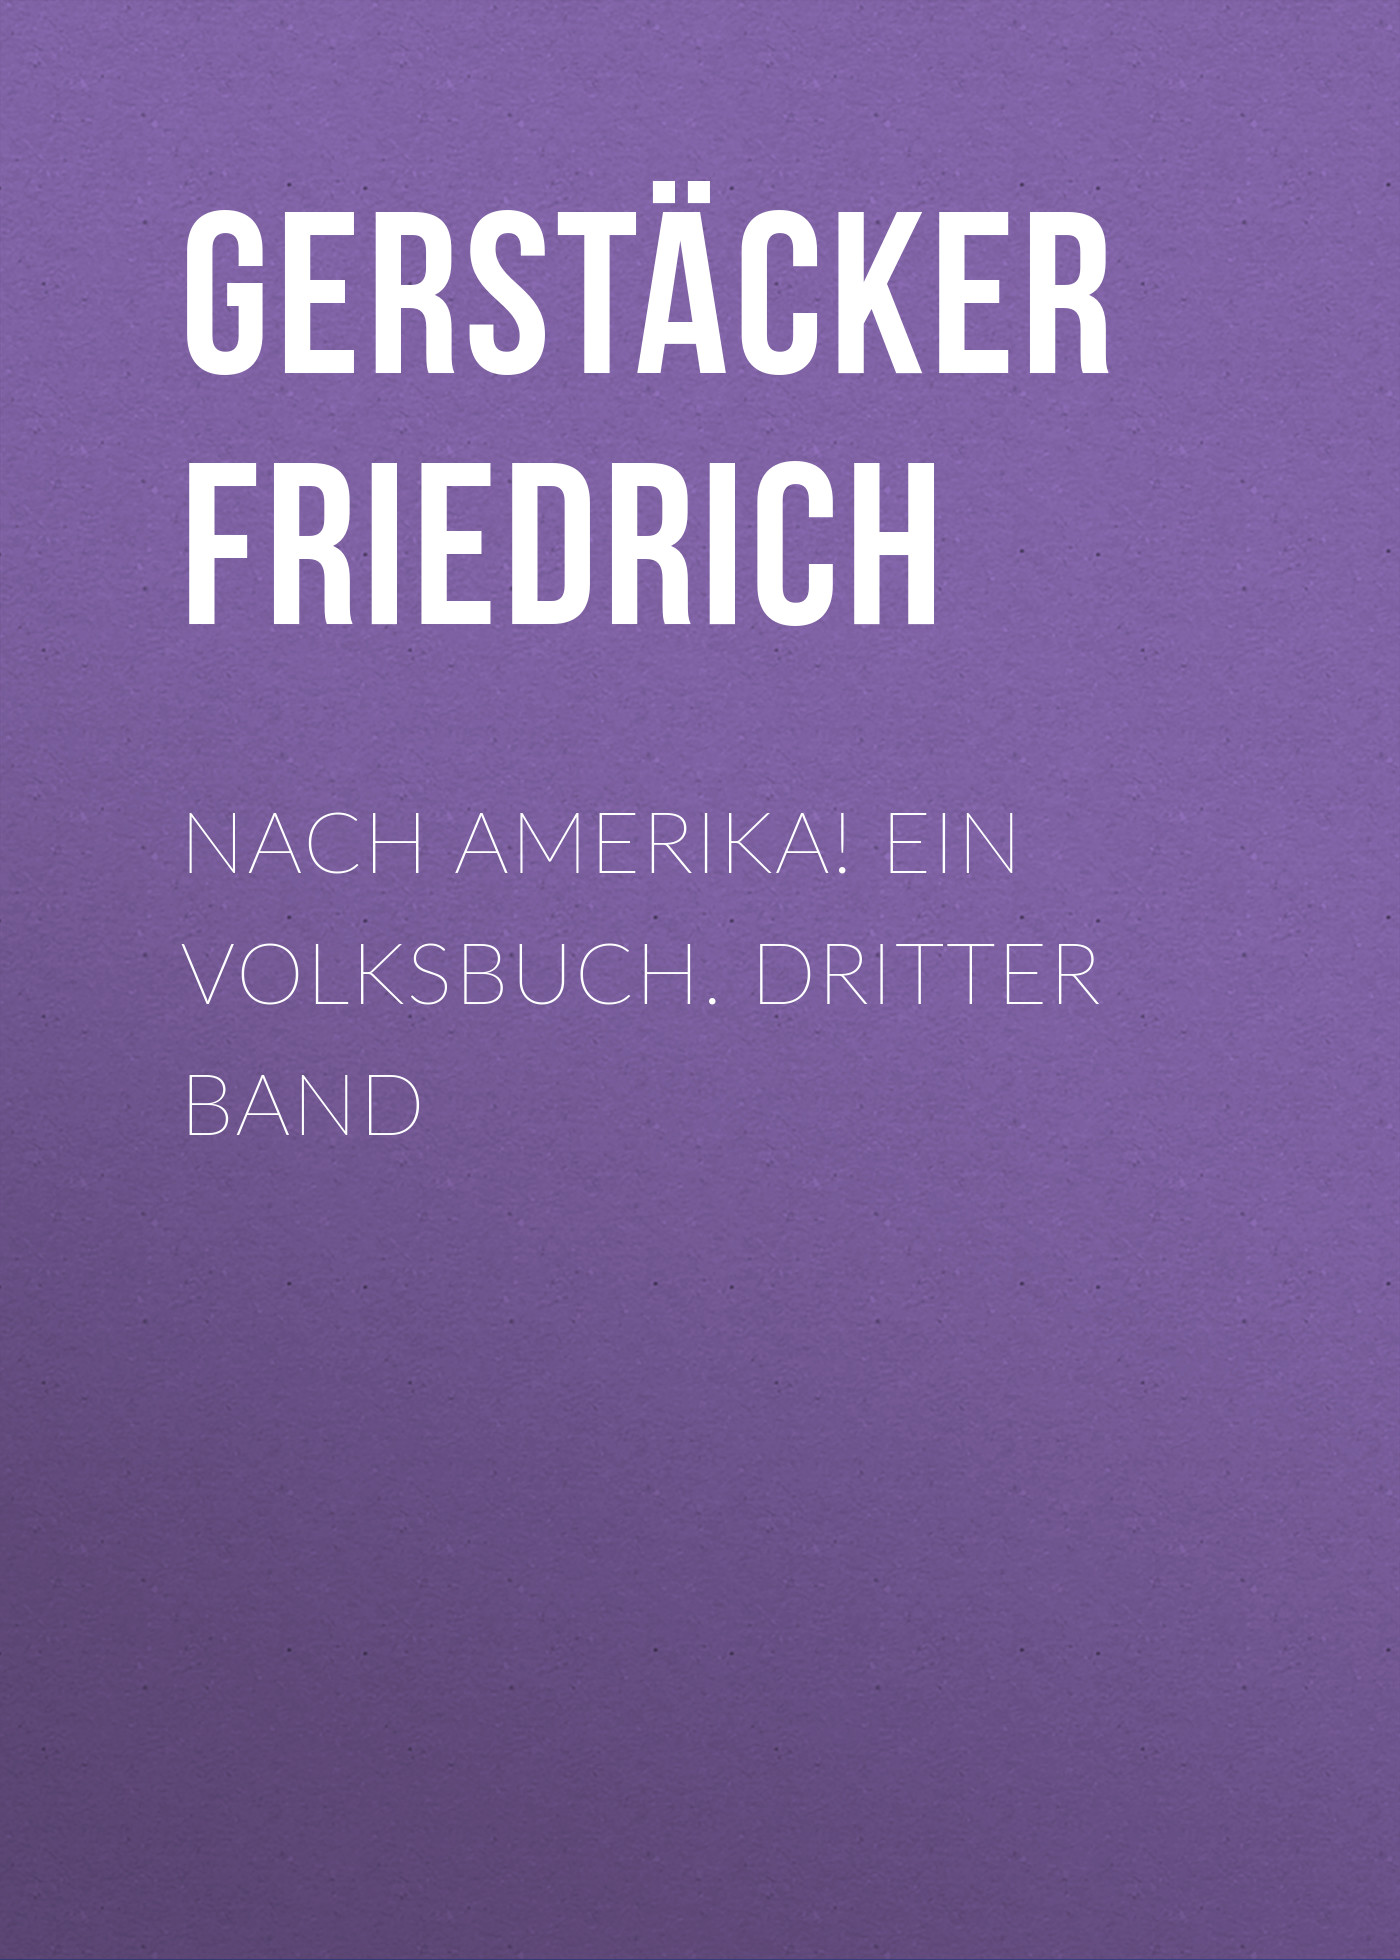 Gerstäcker Friedrich Nach Amerika! Ein Volksbuch. Dritter Band